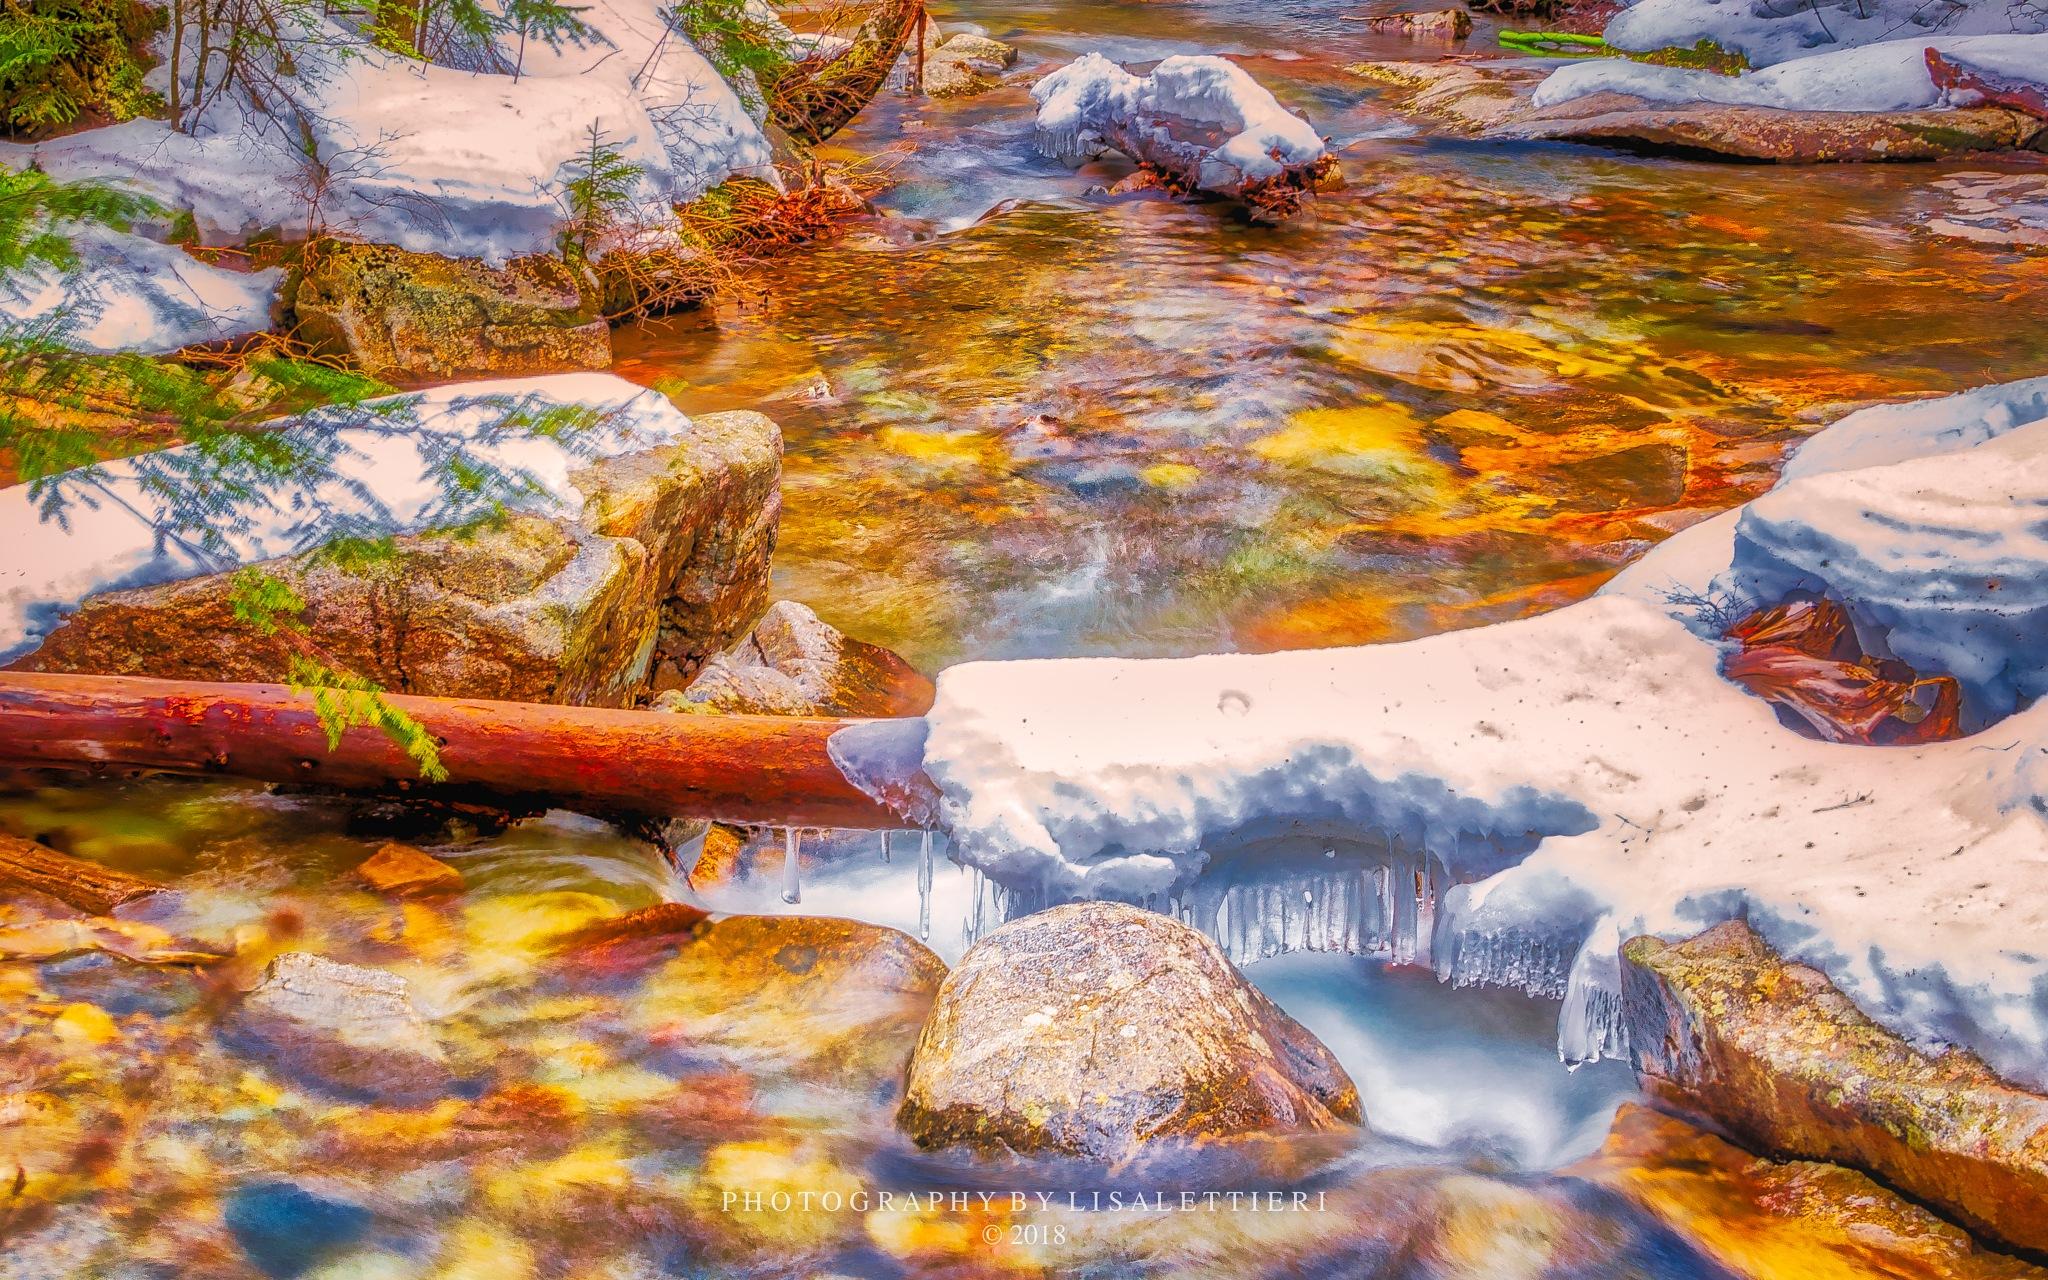 Cascade Brook II by lisalettieri5